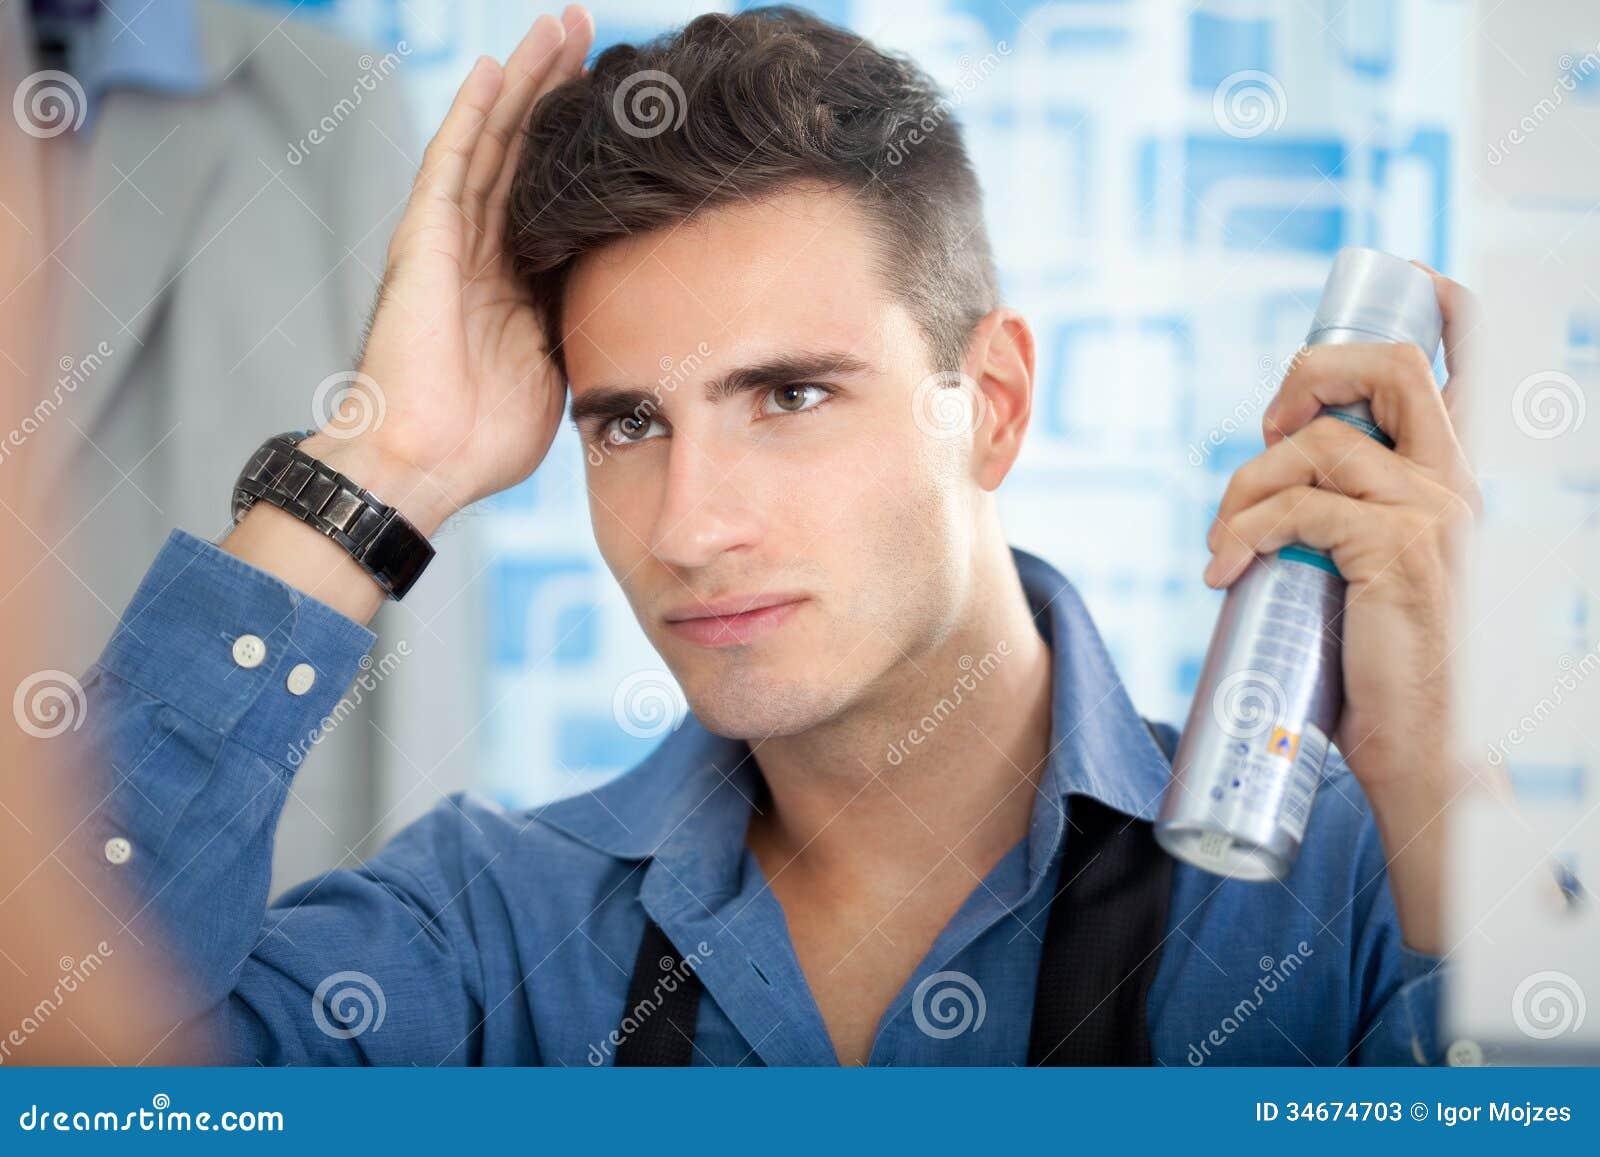 Man Applying Hair Spray Stock Photos Image 34674703